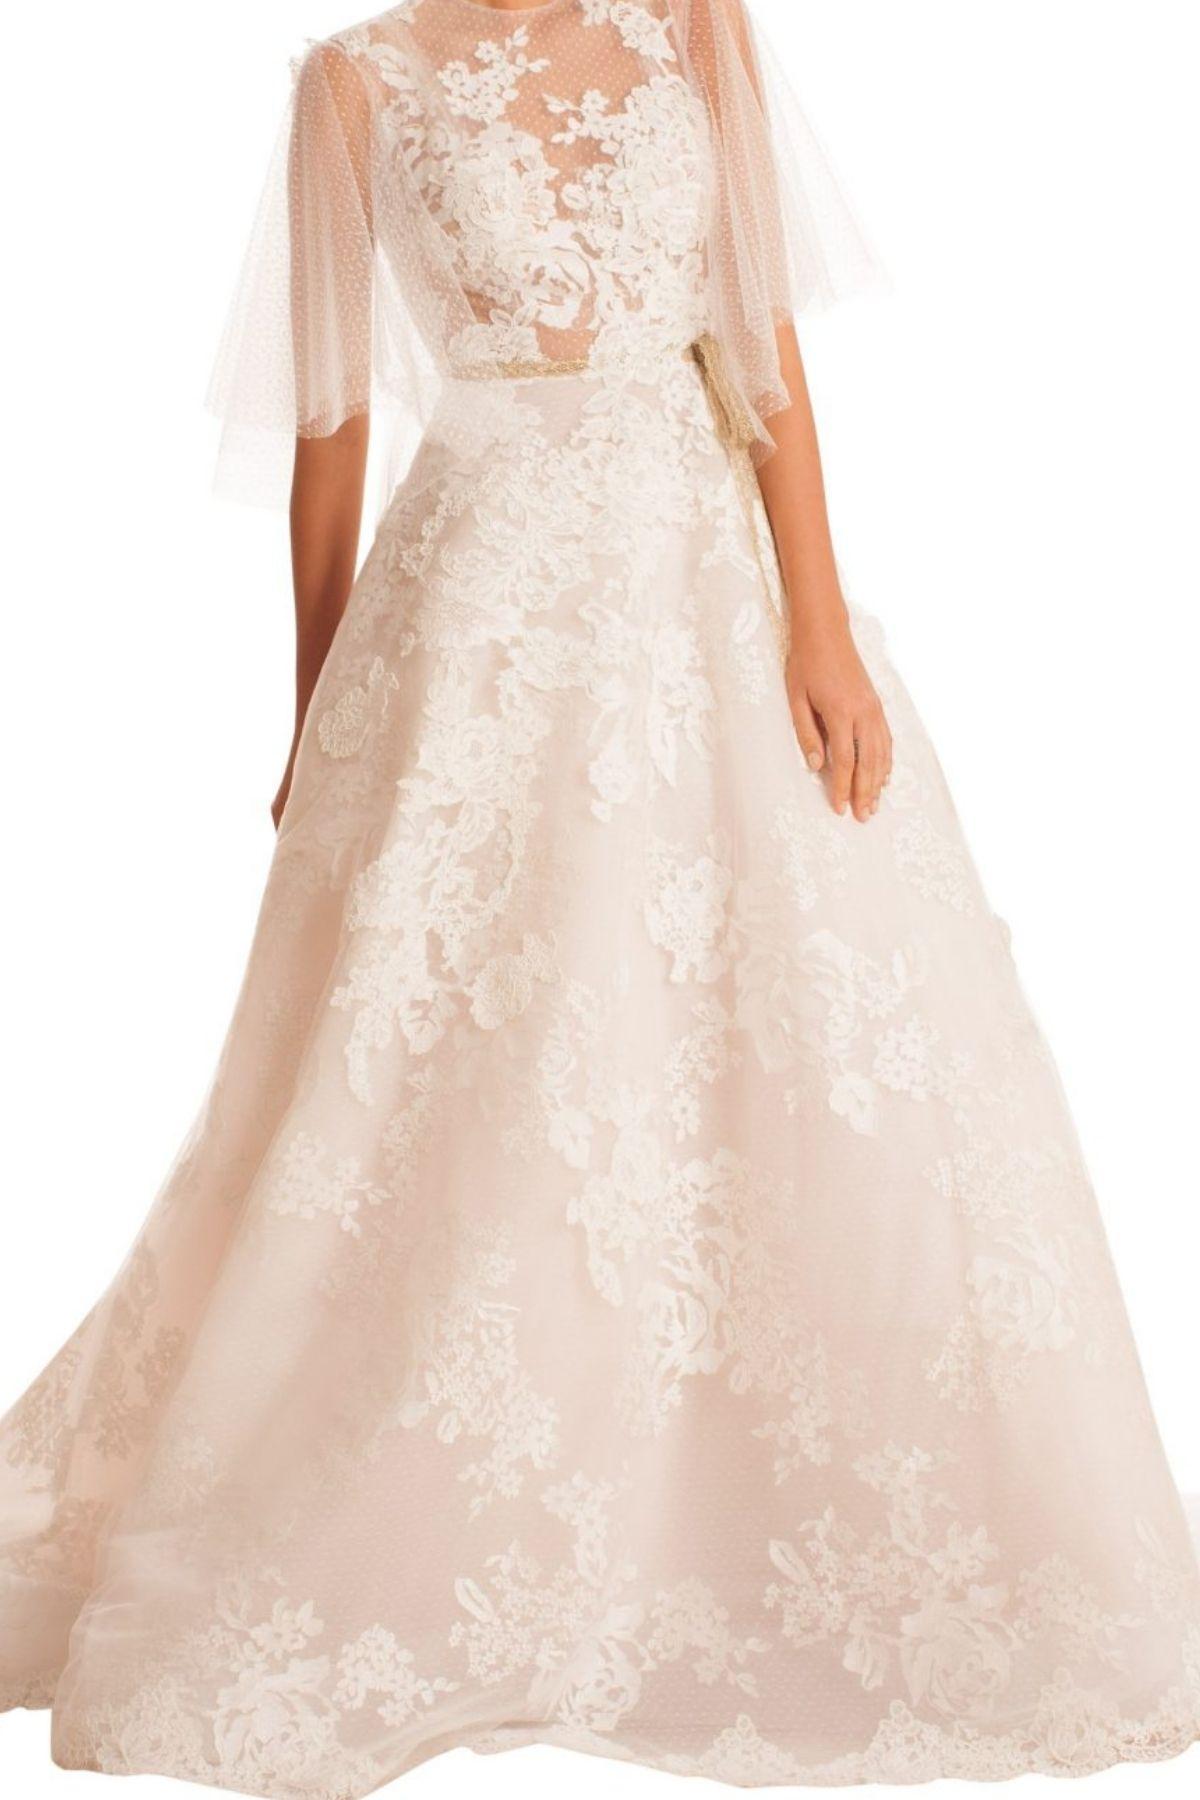 10. Edgardo Bonilla // SHEER 3/4 SLEEVED TULLE WEDDING DRESS - Designer Bridal Dresses over $5k: Our top 10 favorites